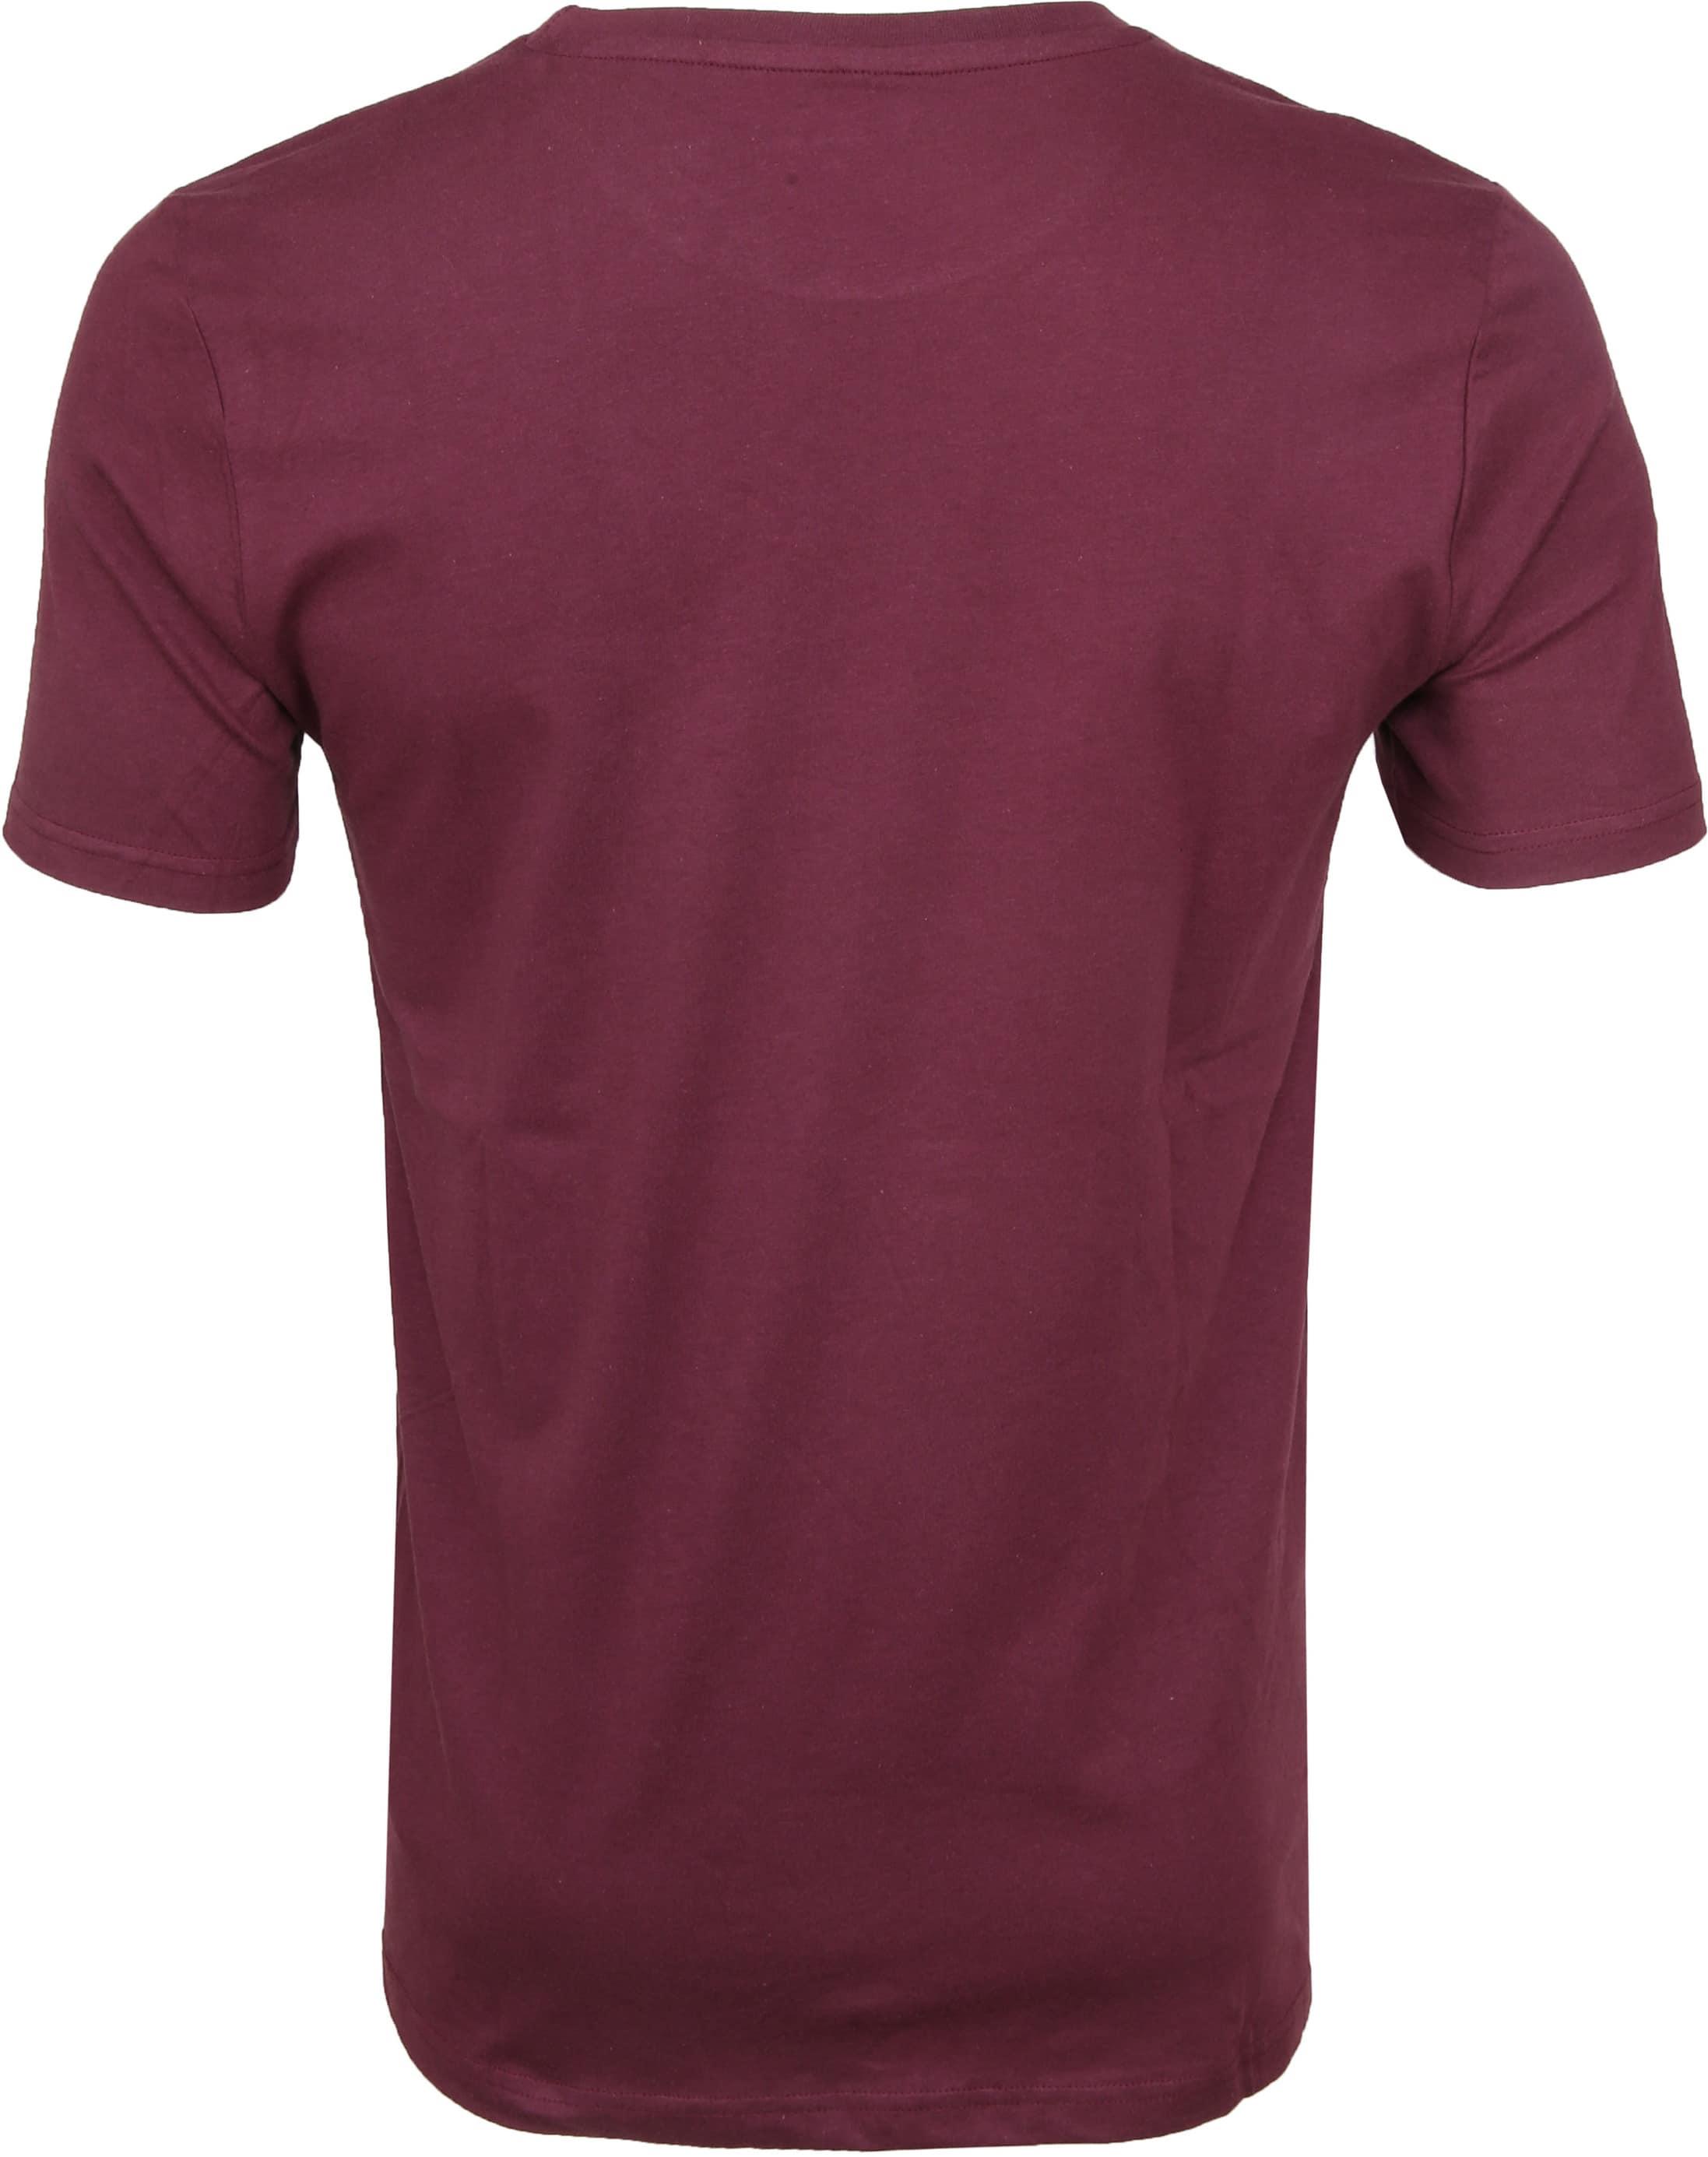 Knowledge Cotton Apparel T-shirt Print Bordeaux foto 2